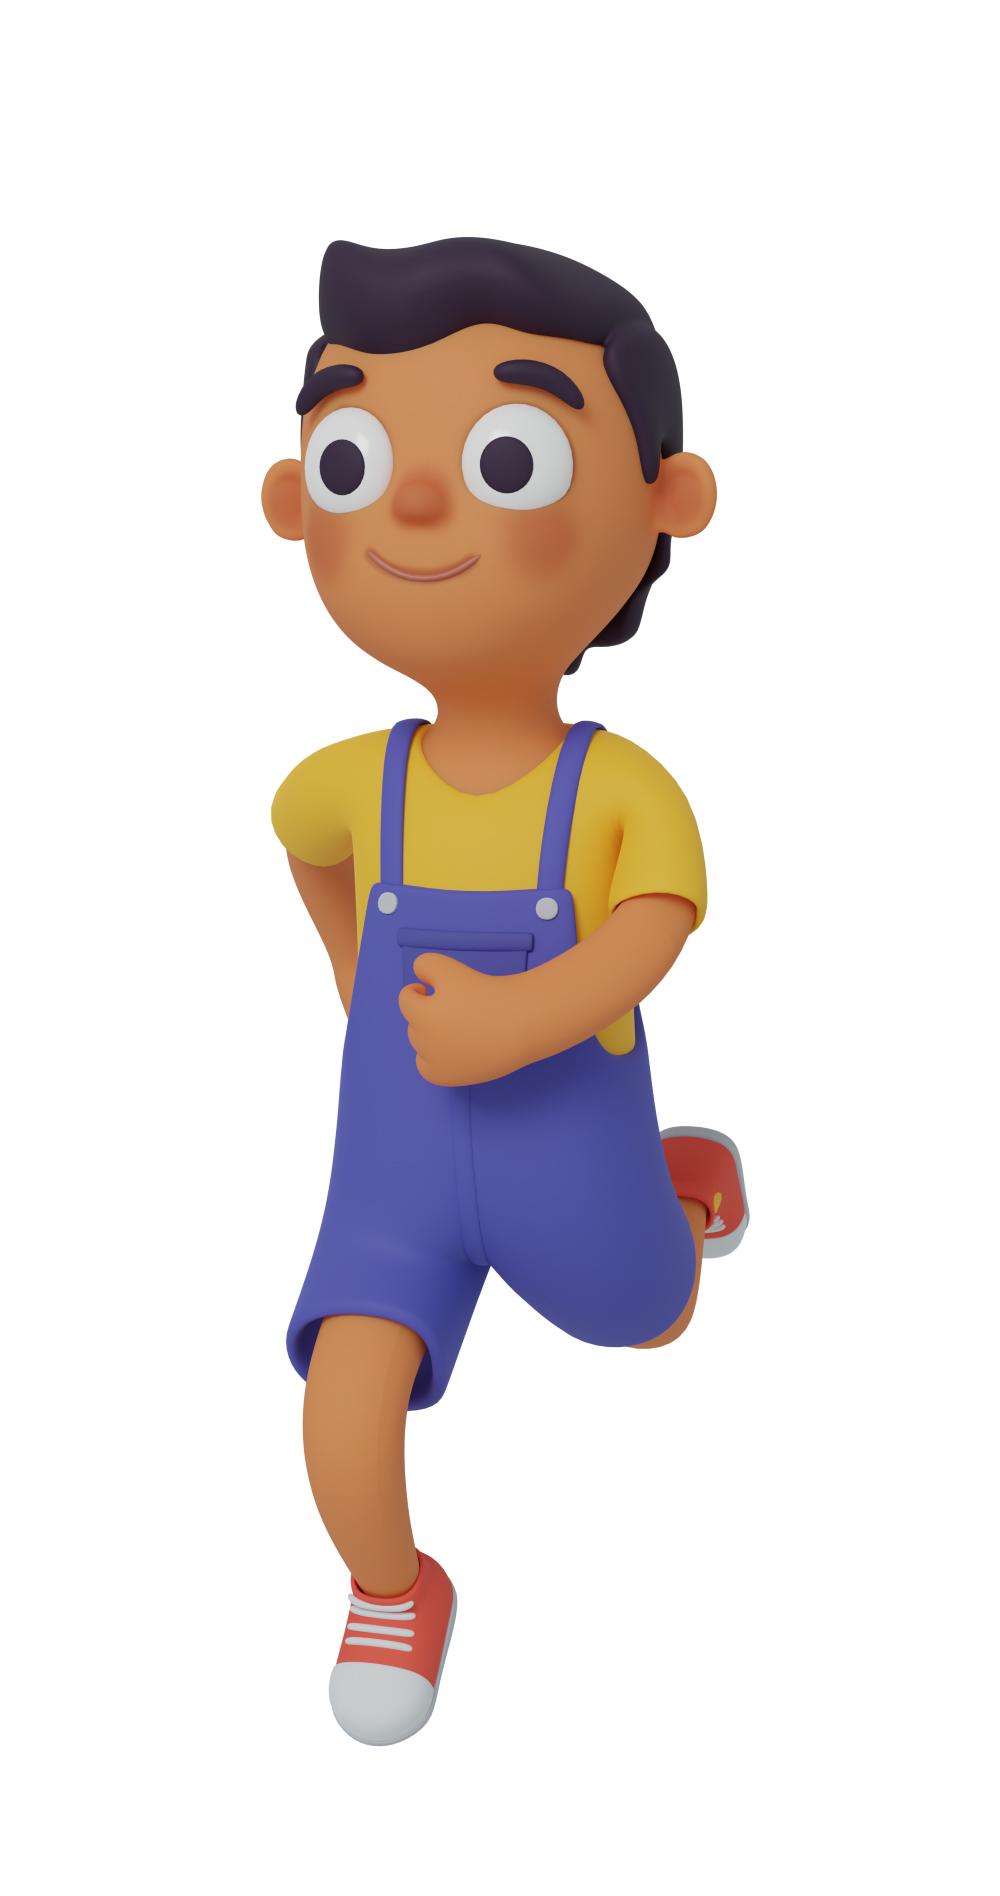 3d character design of a boy running